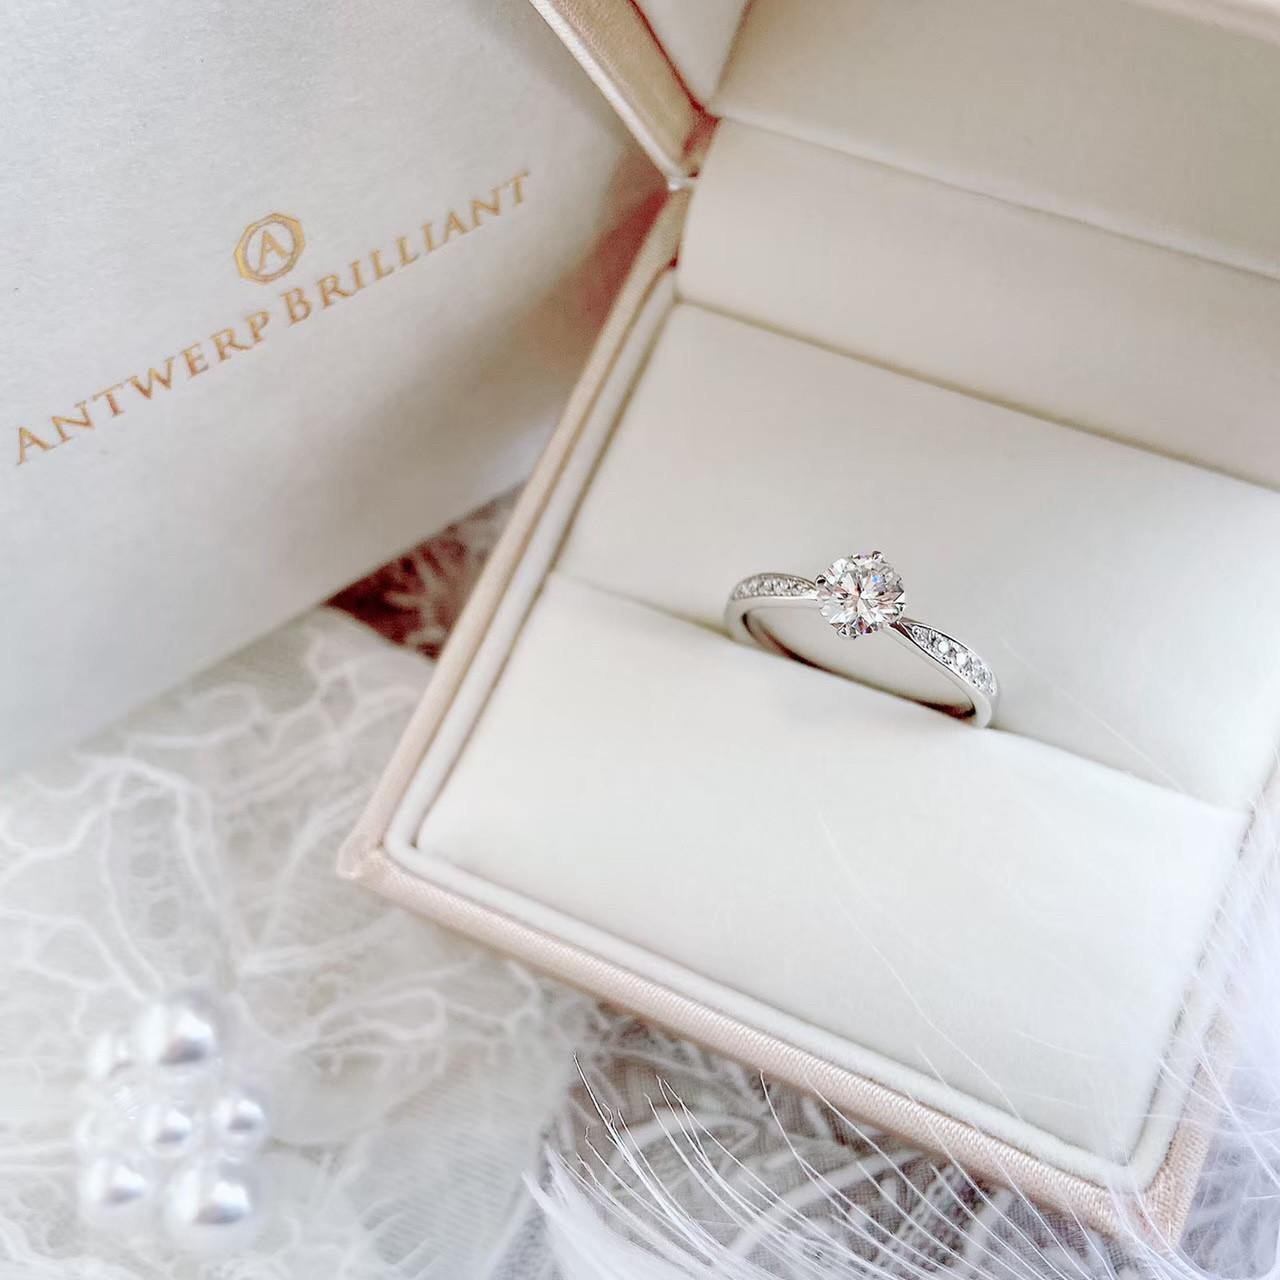 新潟の結婚指輪・婚約指輪 - オシドリ夫婦こそ結婚記念日は事前の備えで、万全を期して迎えましょう